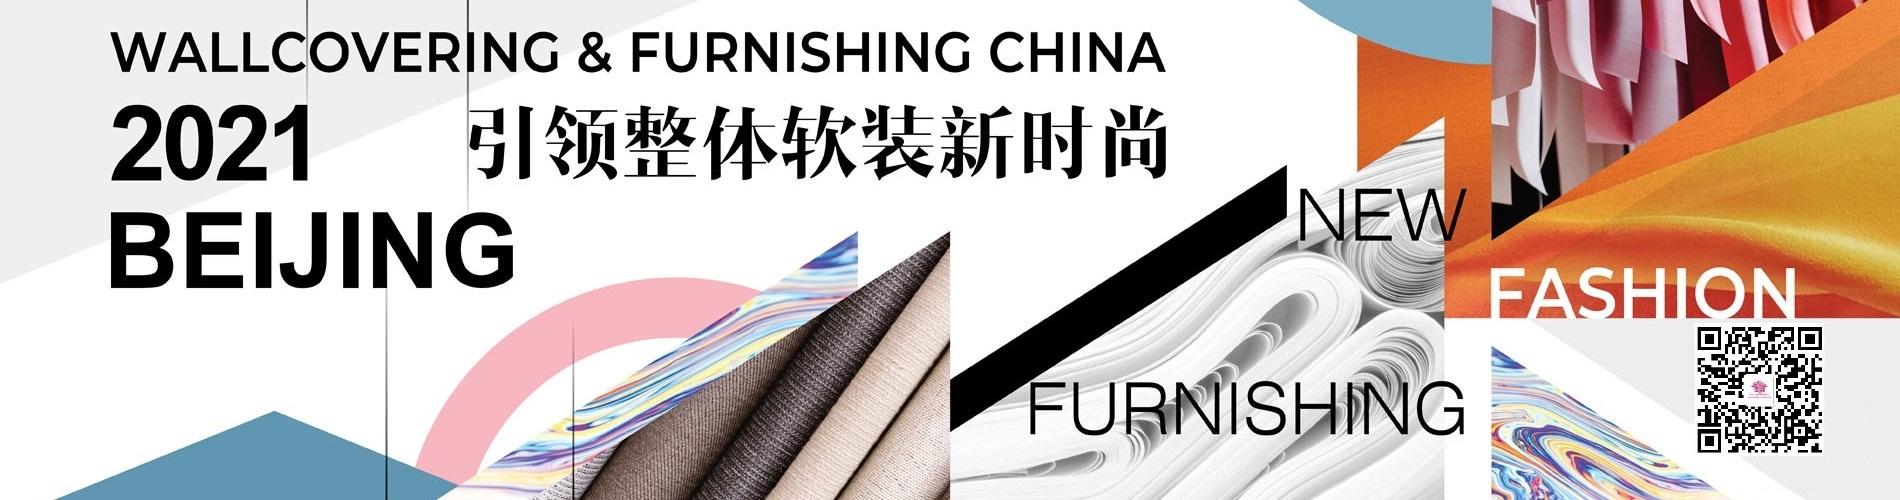 上海墙纸展-内页-3